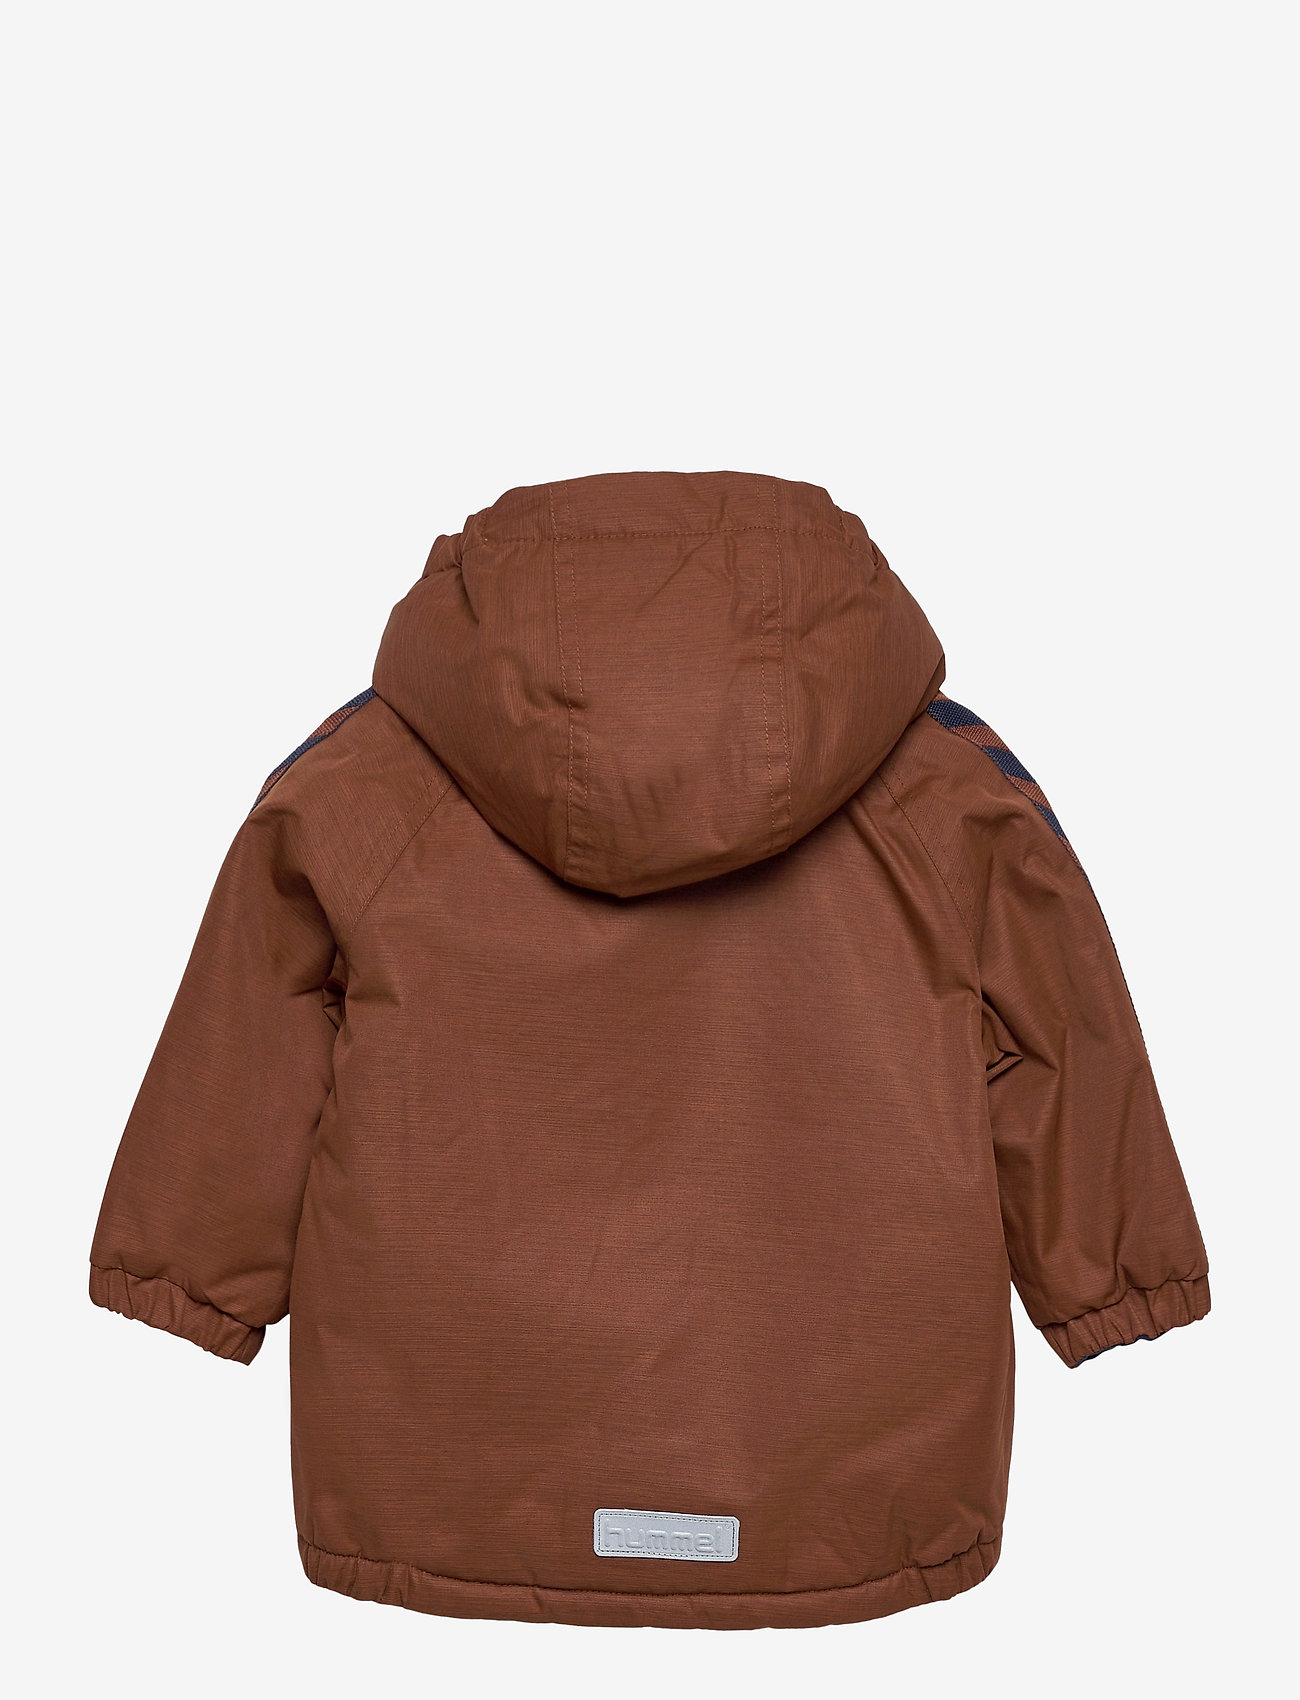 Hummel - hmlPOLAR JACKET - ski jackets - tortoise shell - 1